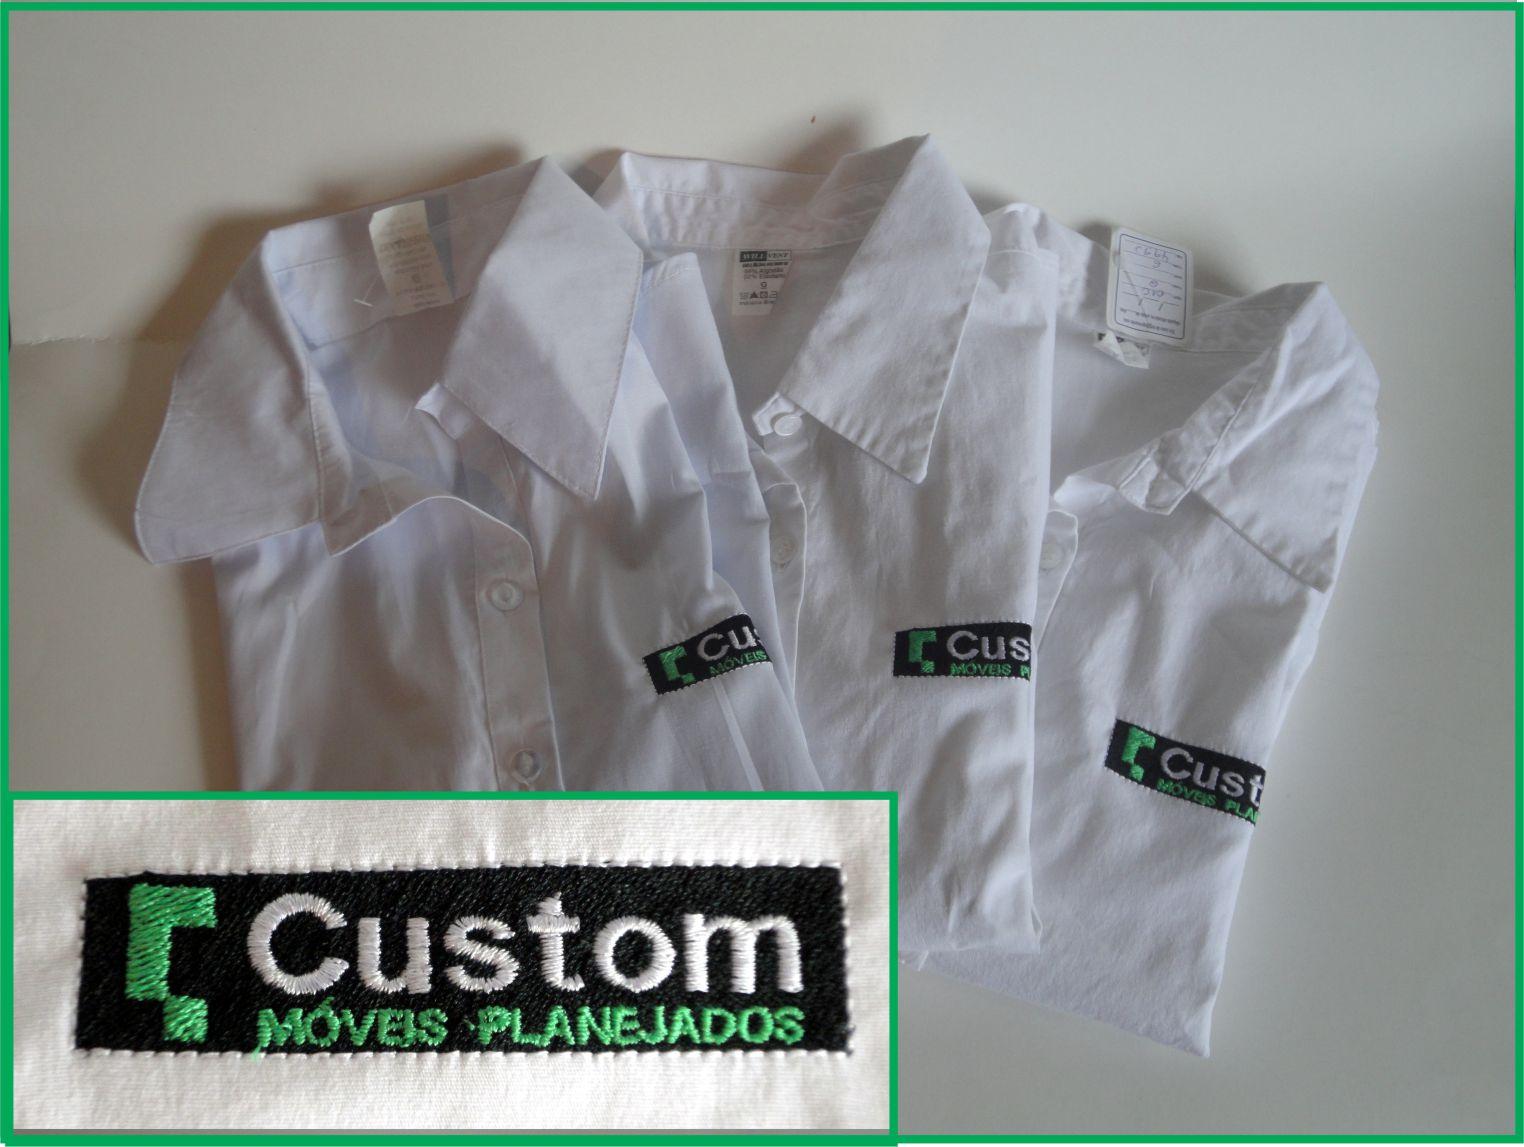 camisa-feminina-com-logo